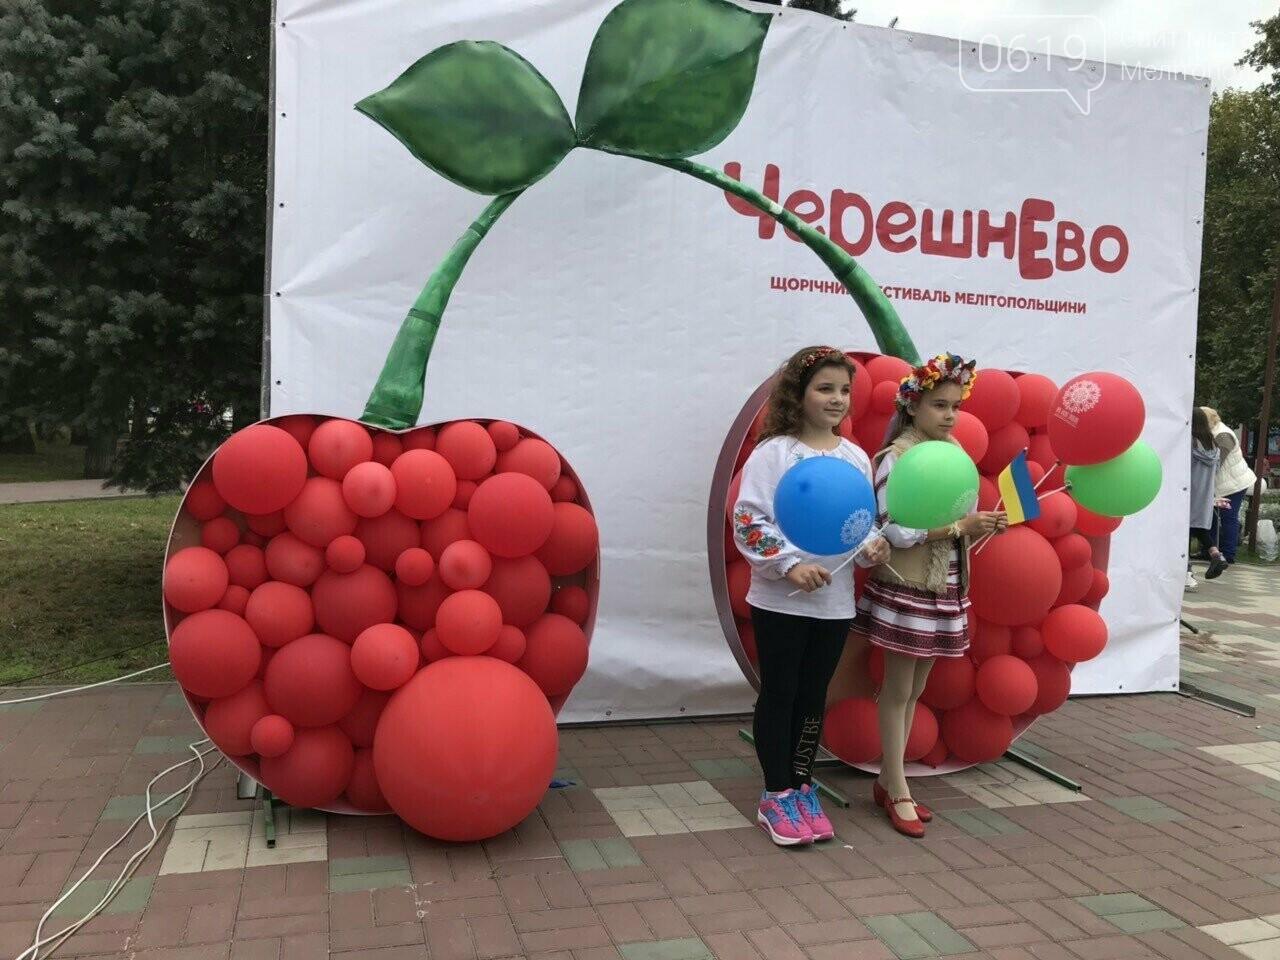 Вкусные блюда, яркие костюмы, выставки-ярмарки: в Мелитополе проходит фестиваль национальных культур, фото-7